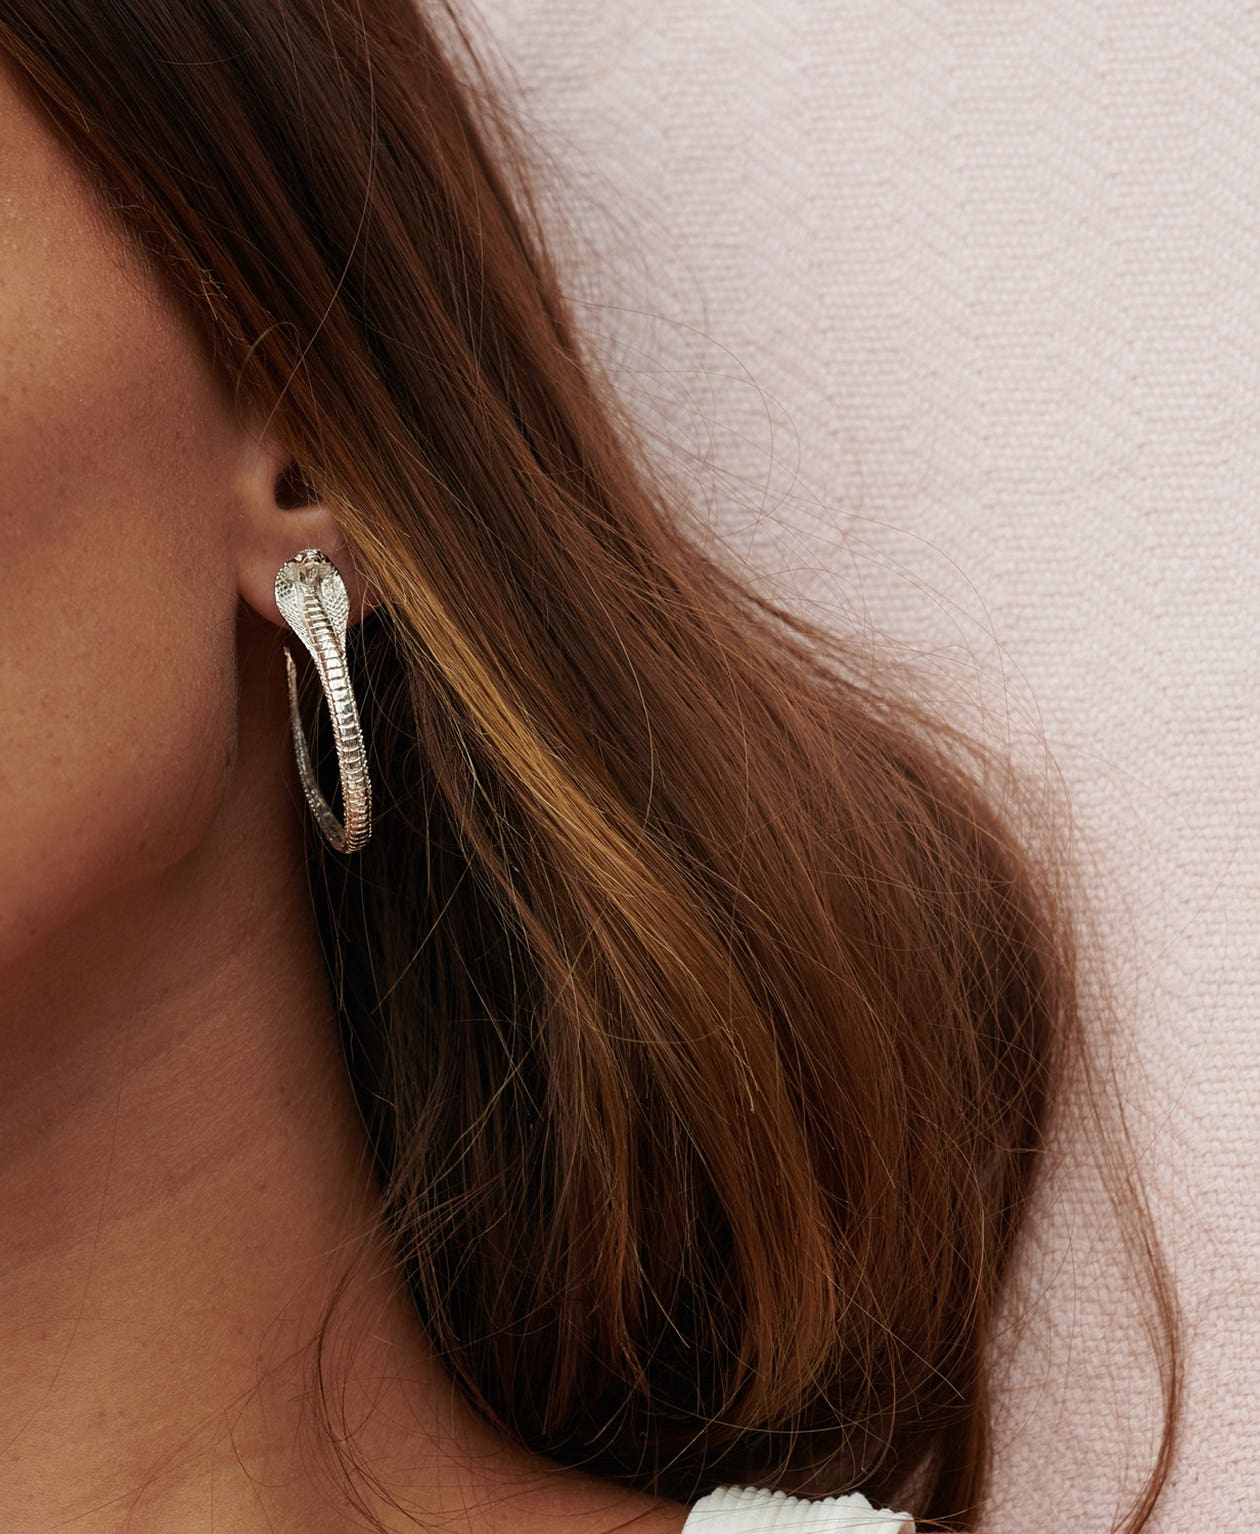 de970cf53 Buy Protect Me Hoop Earrings Sterling Silver | Zoe & Morgan